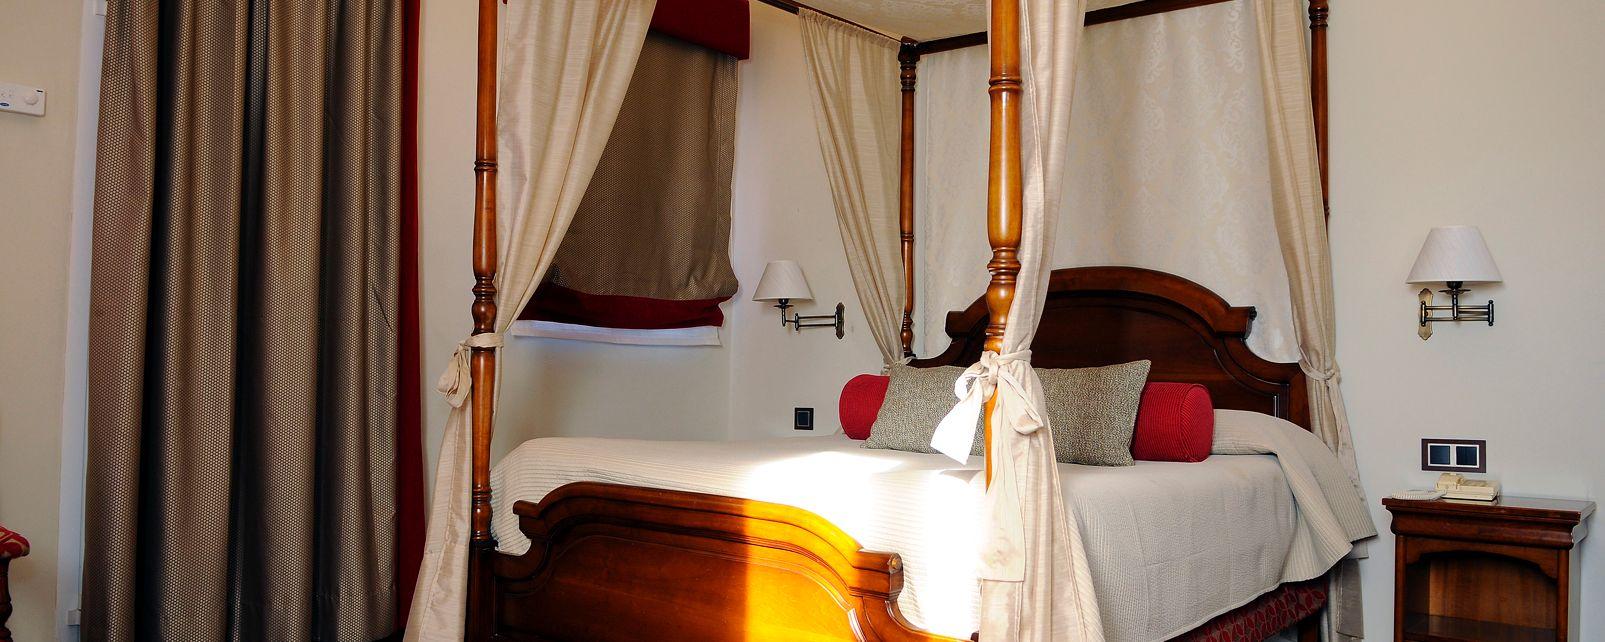 Hôtel Parador Canadas del Teide